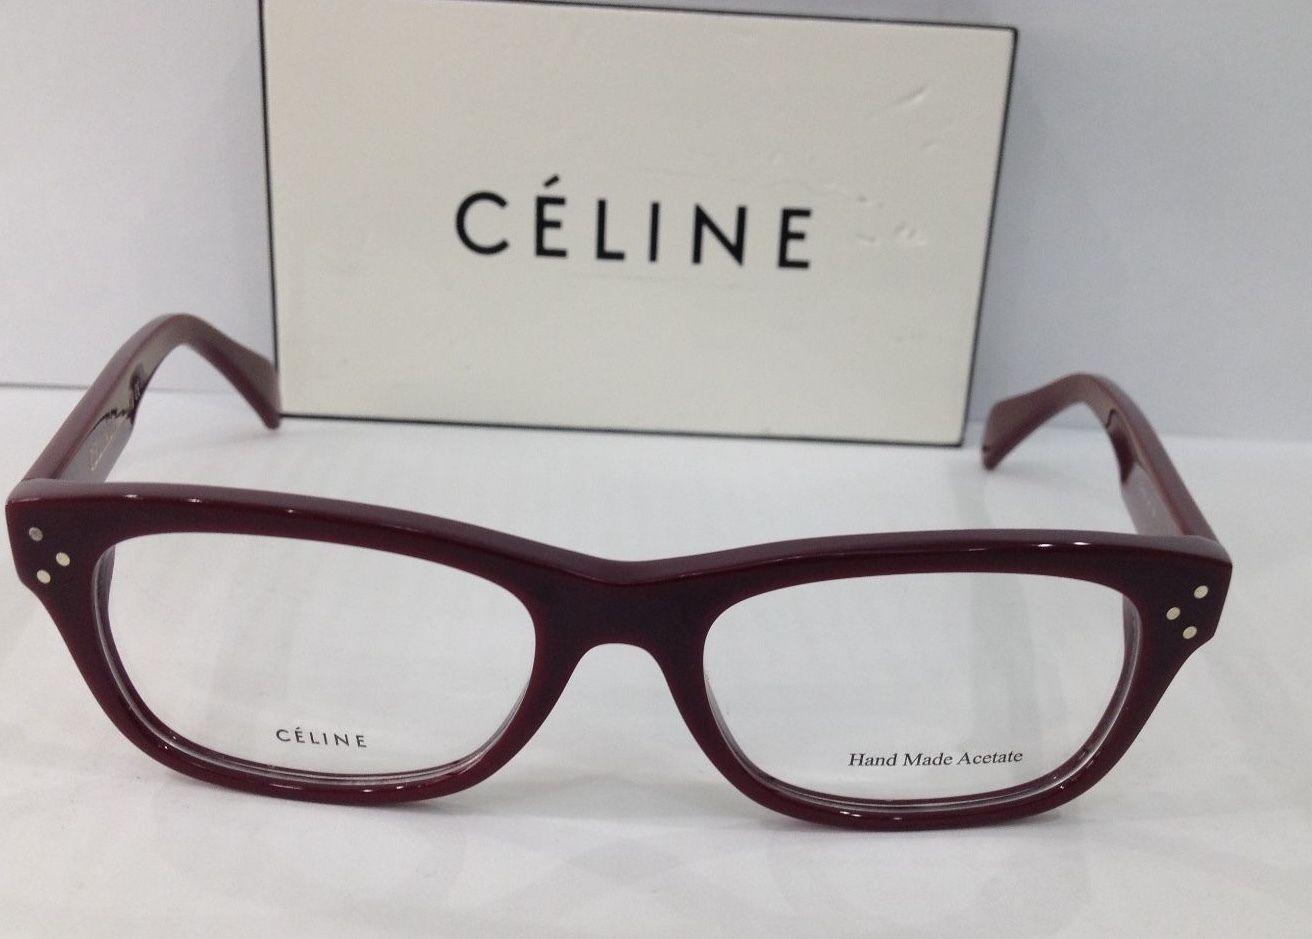 Eyeglass Frame Size 50 : CELINE CL 41323 COLOR LHF RED PLASTIC EYEGLASSES FRAME ...